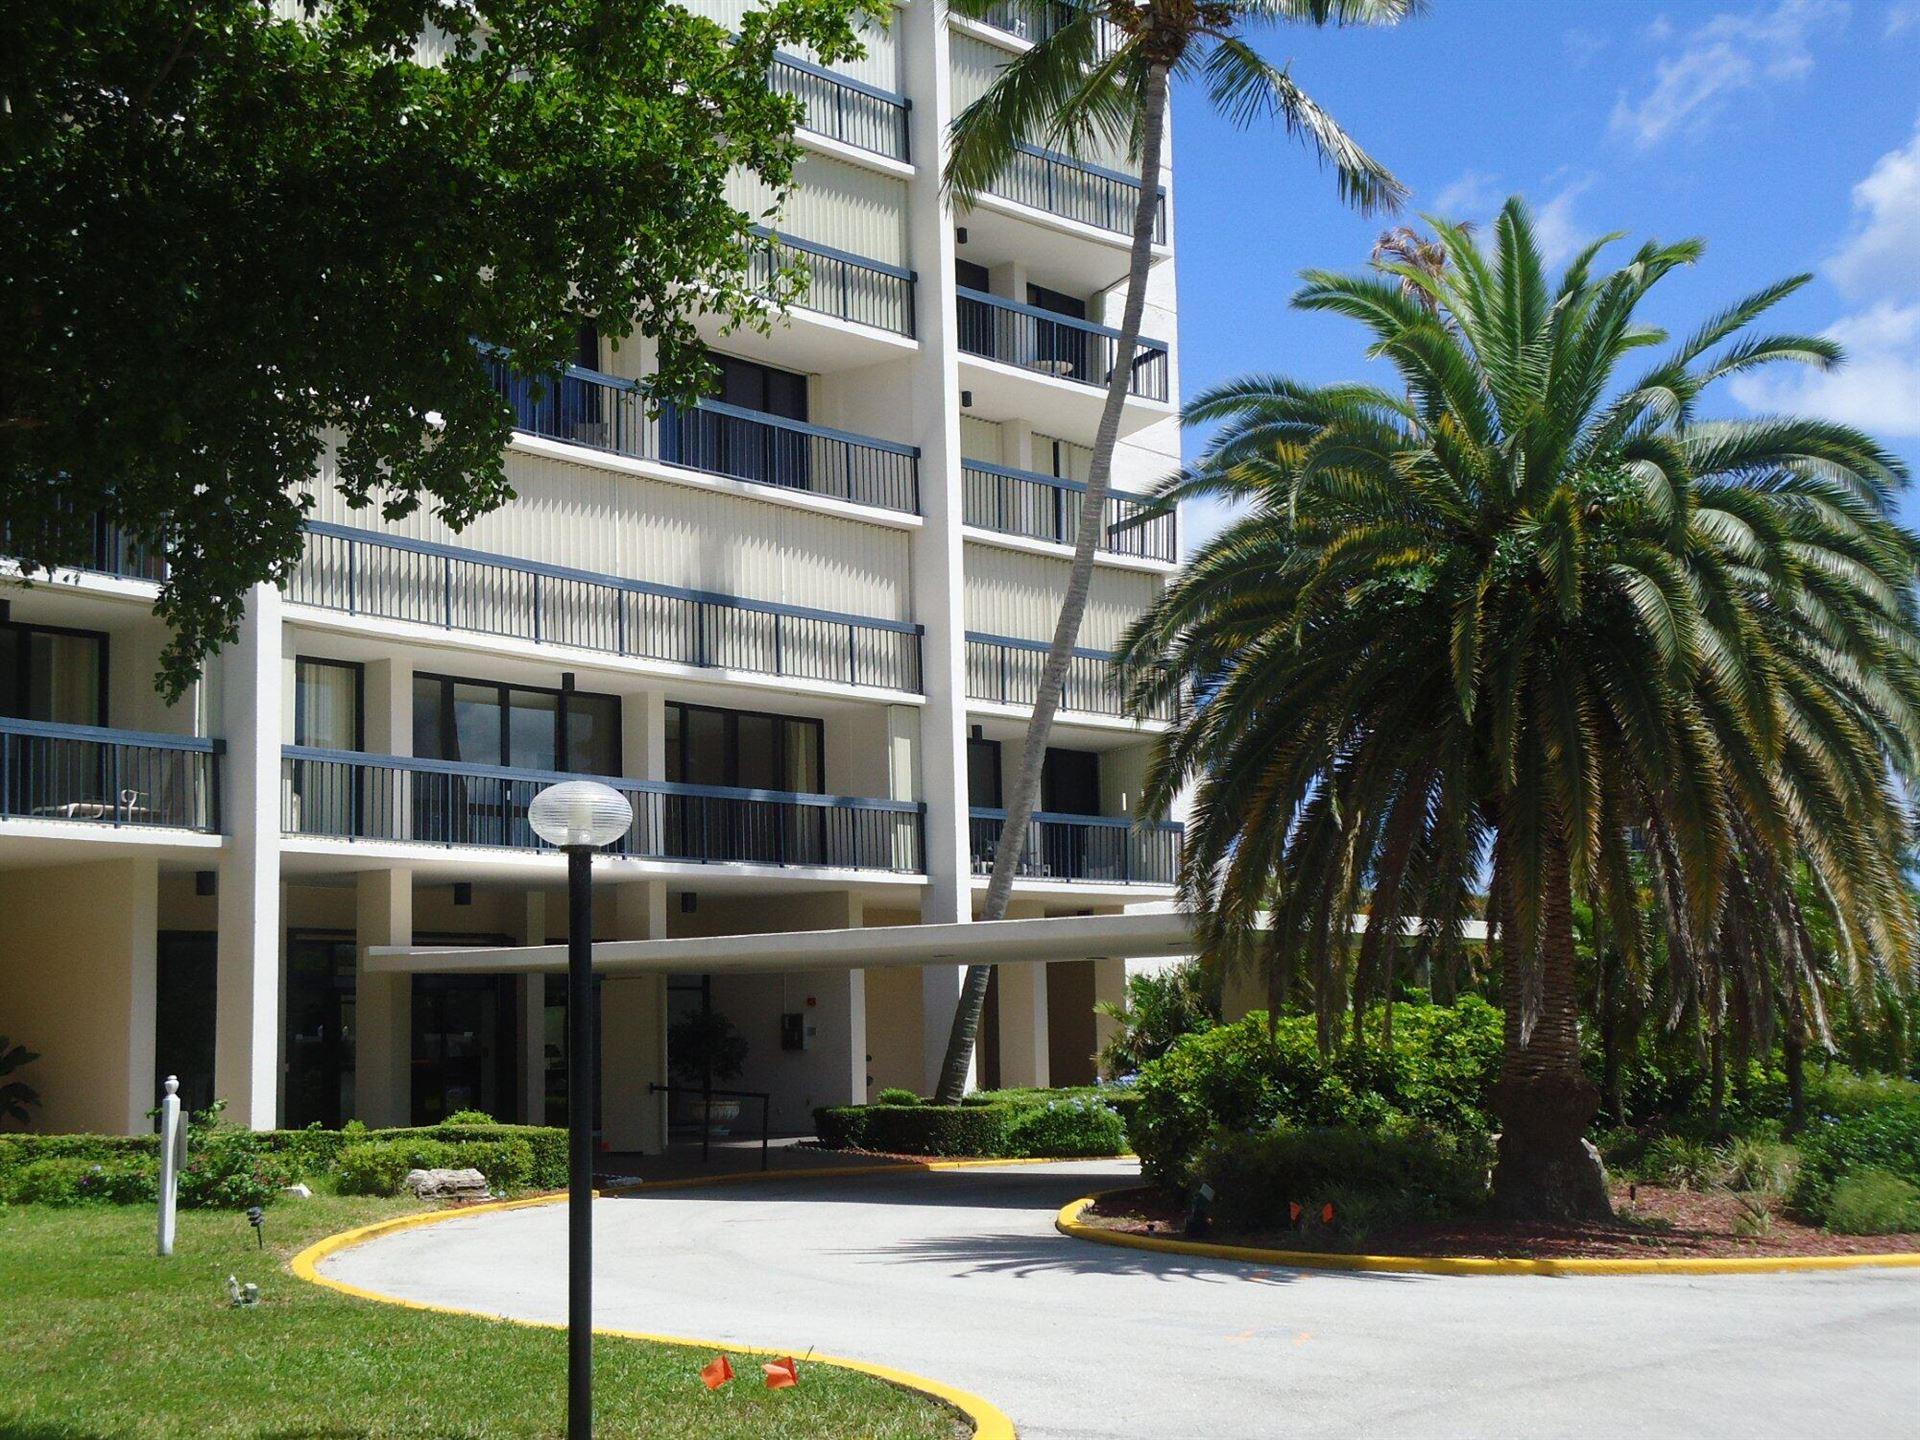 2425 Presidential Way #202, West Palm Beach, FL 33401 - MLS#: RX-10713820